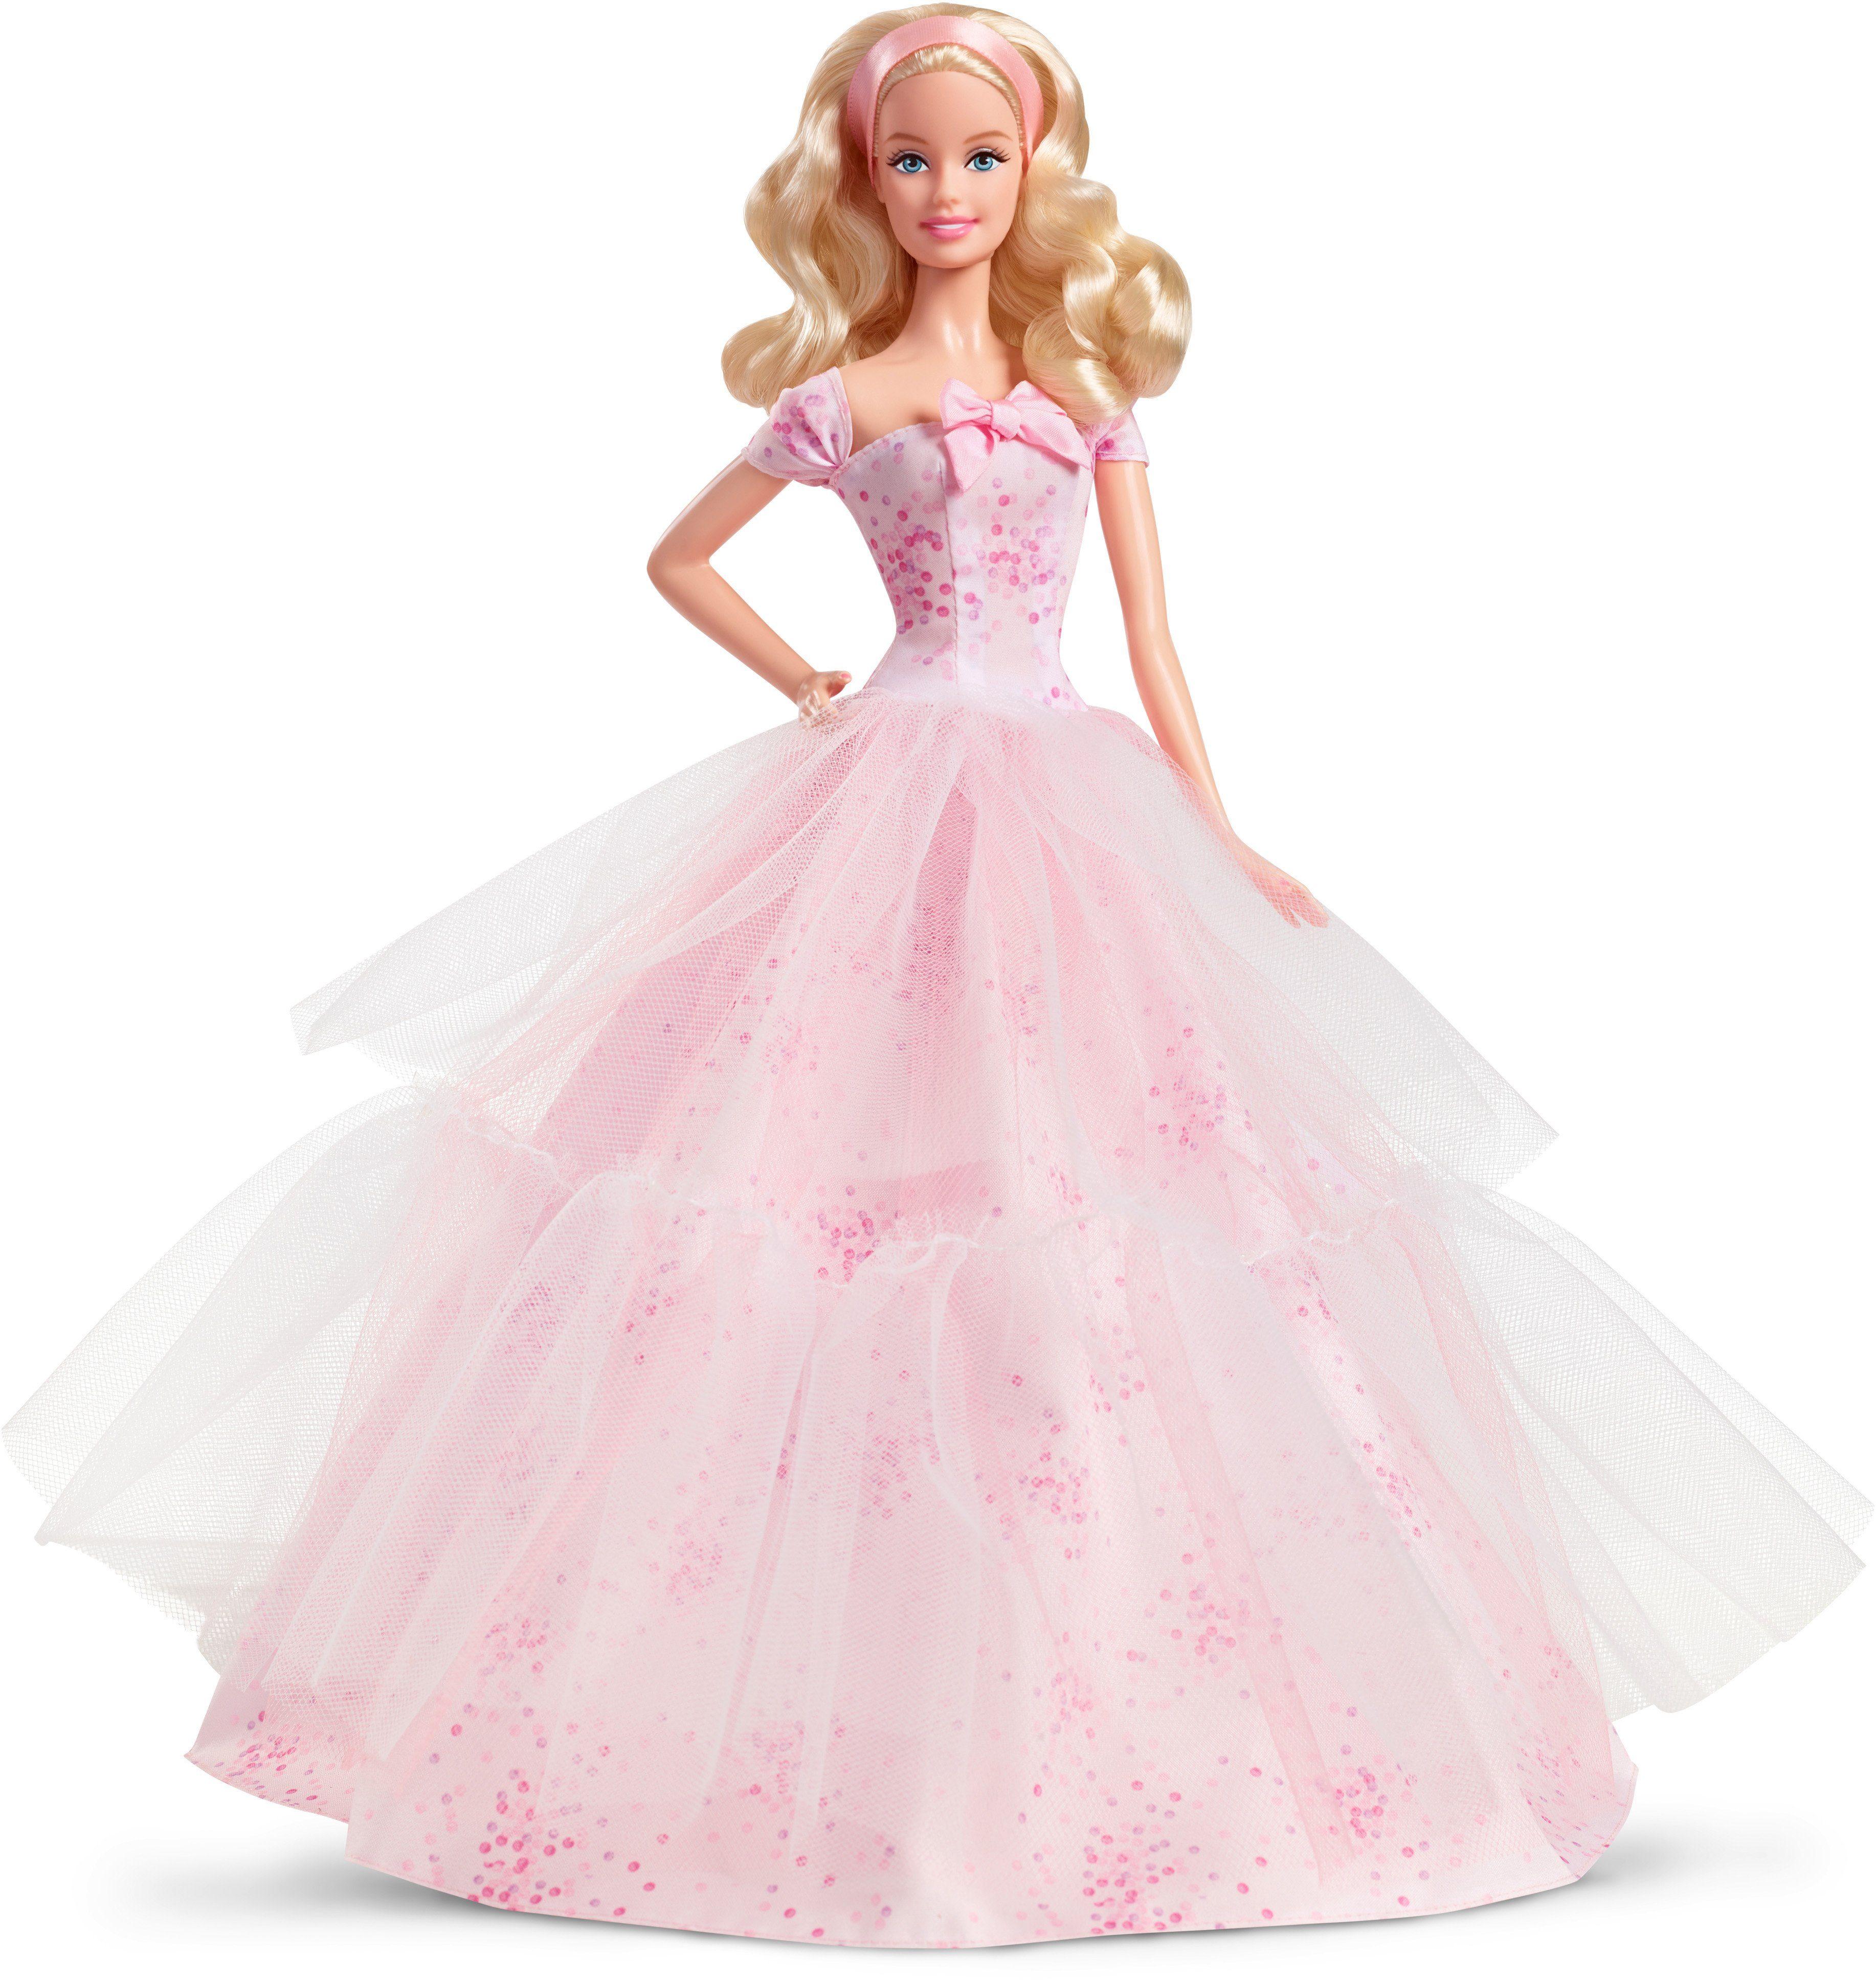 Mattel Geburtstagspuppe, »Birthday Wishes 2016 Barbie Puppe«